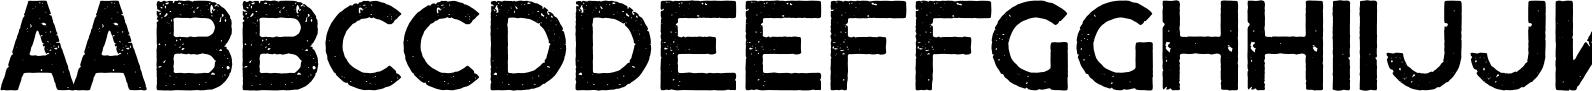 Brontide SVG